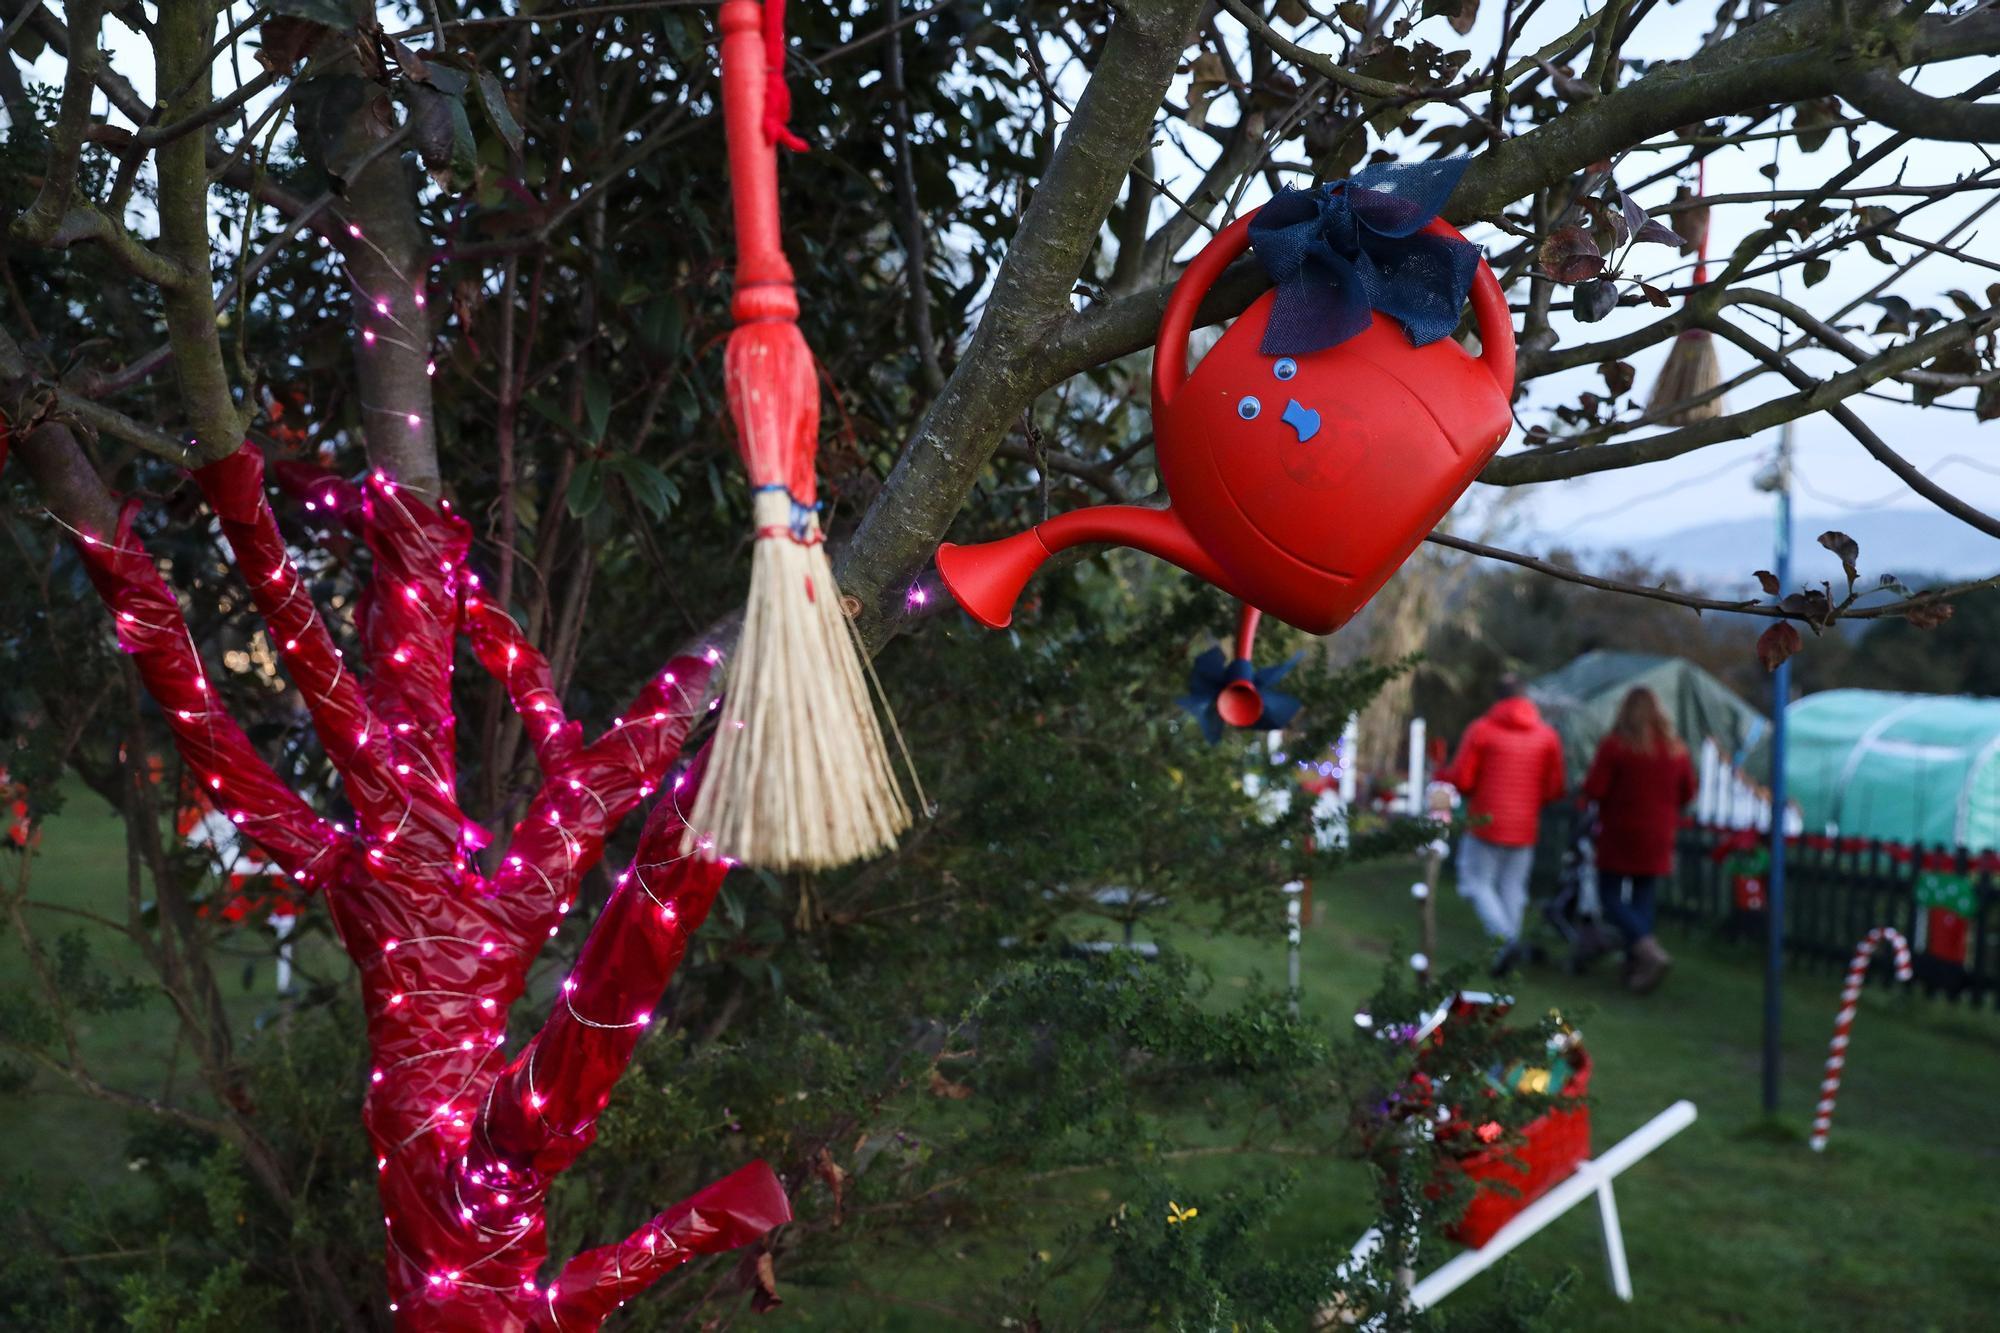 Los Huertos de Cabue�es, jardines de ilusi�n en Navidad (18).jpg